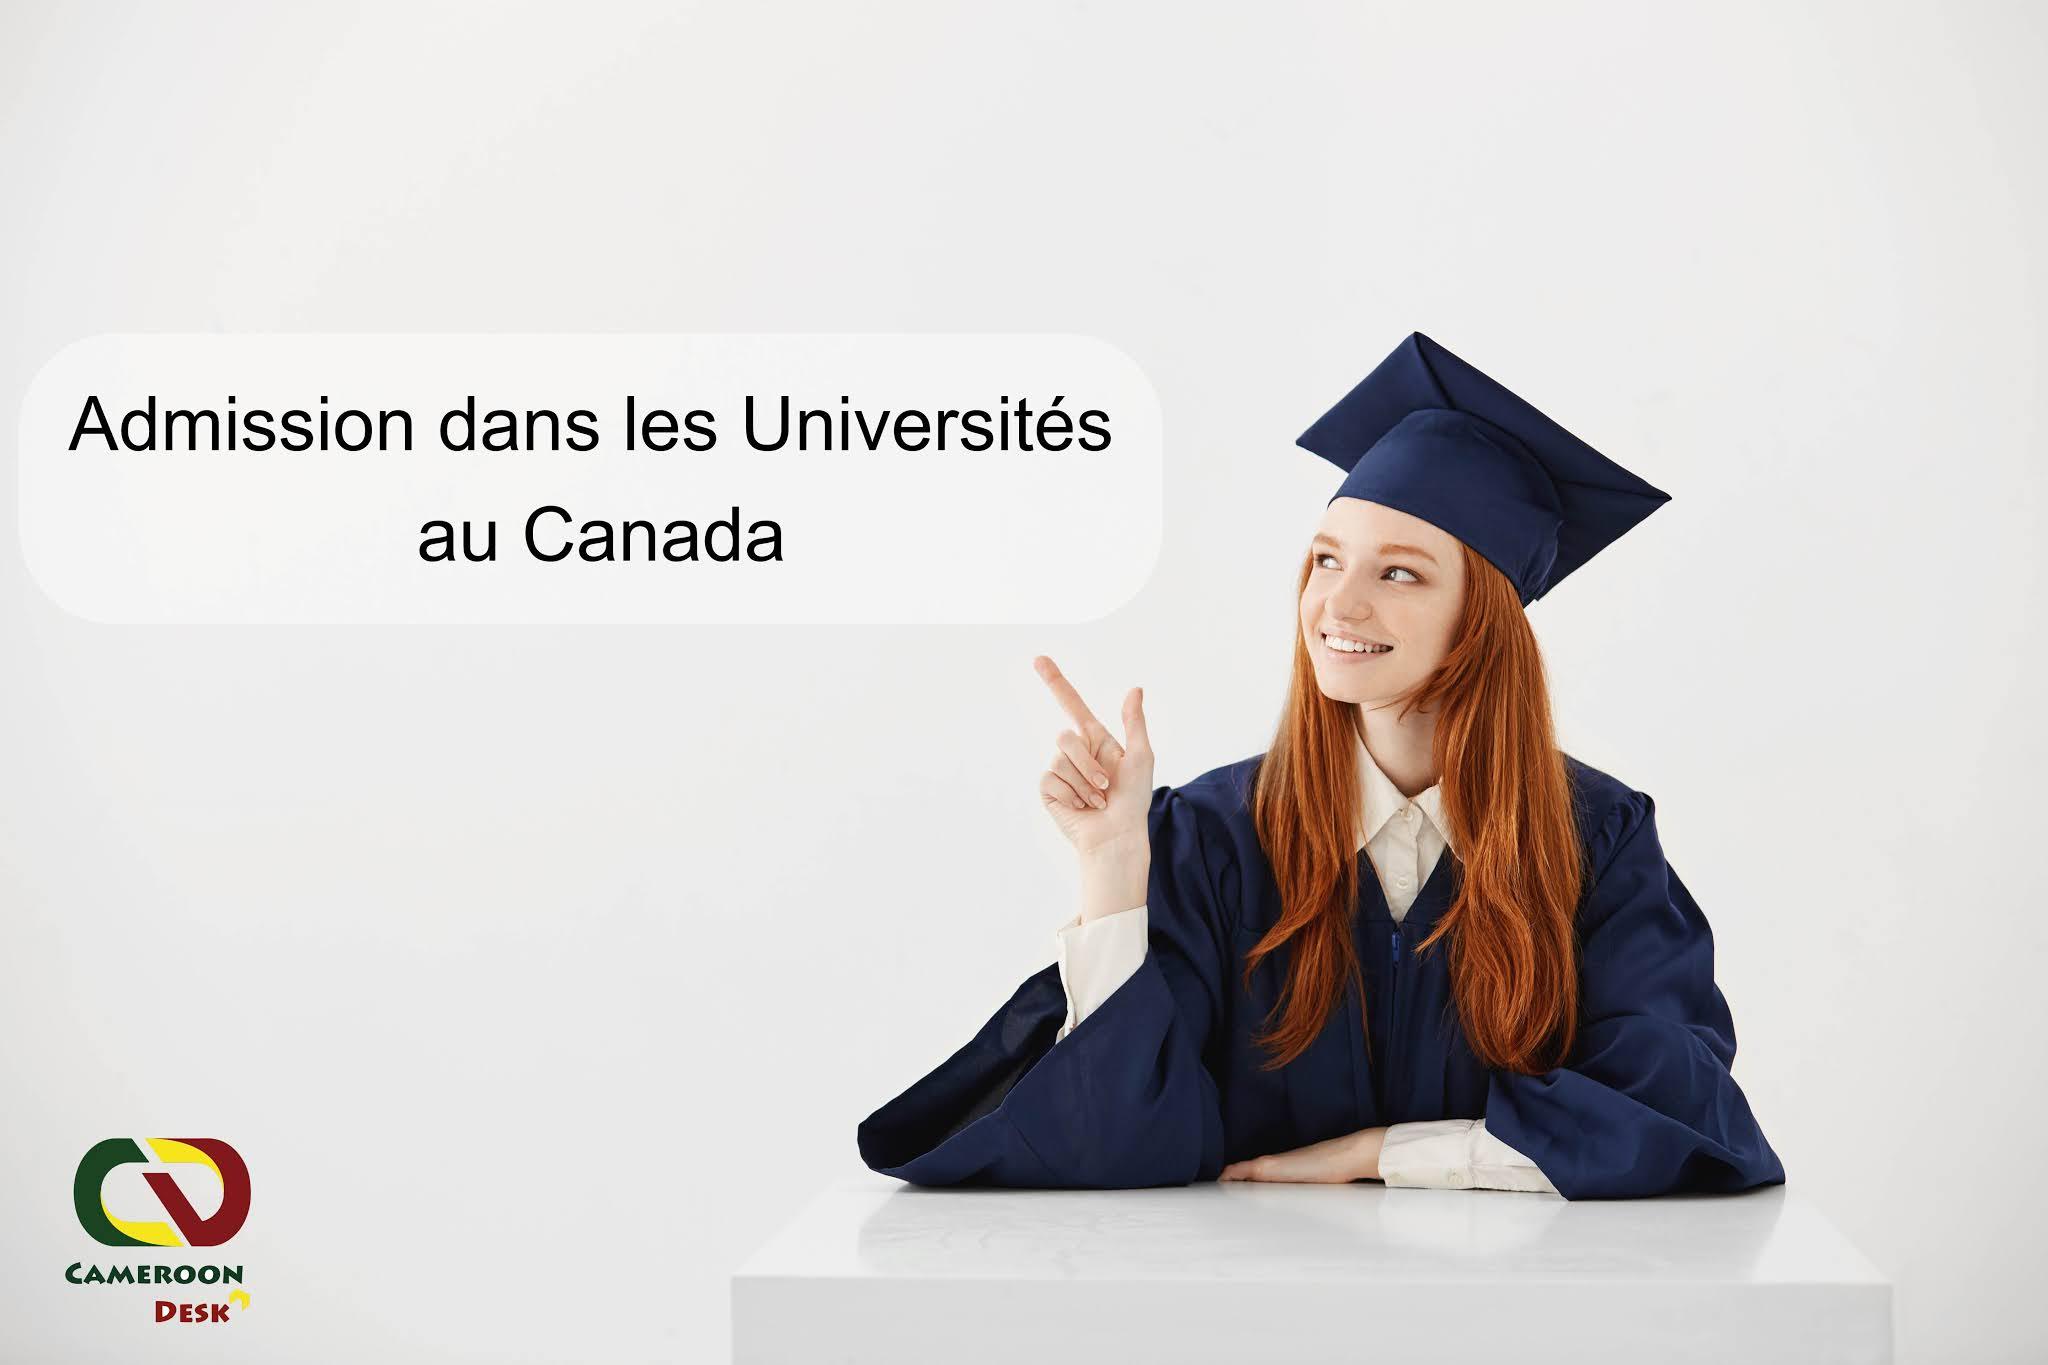 Admission dans les Universités au Canada